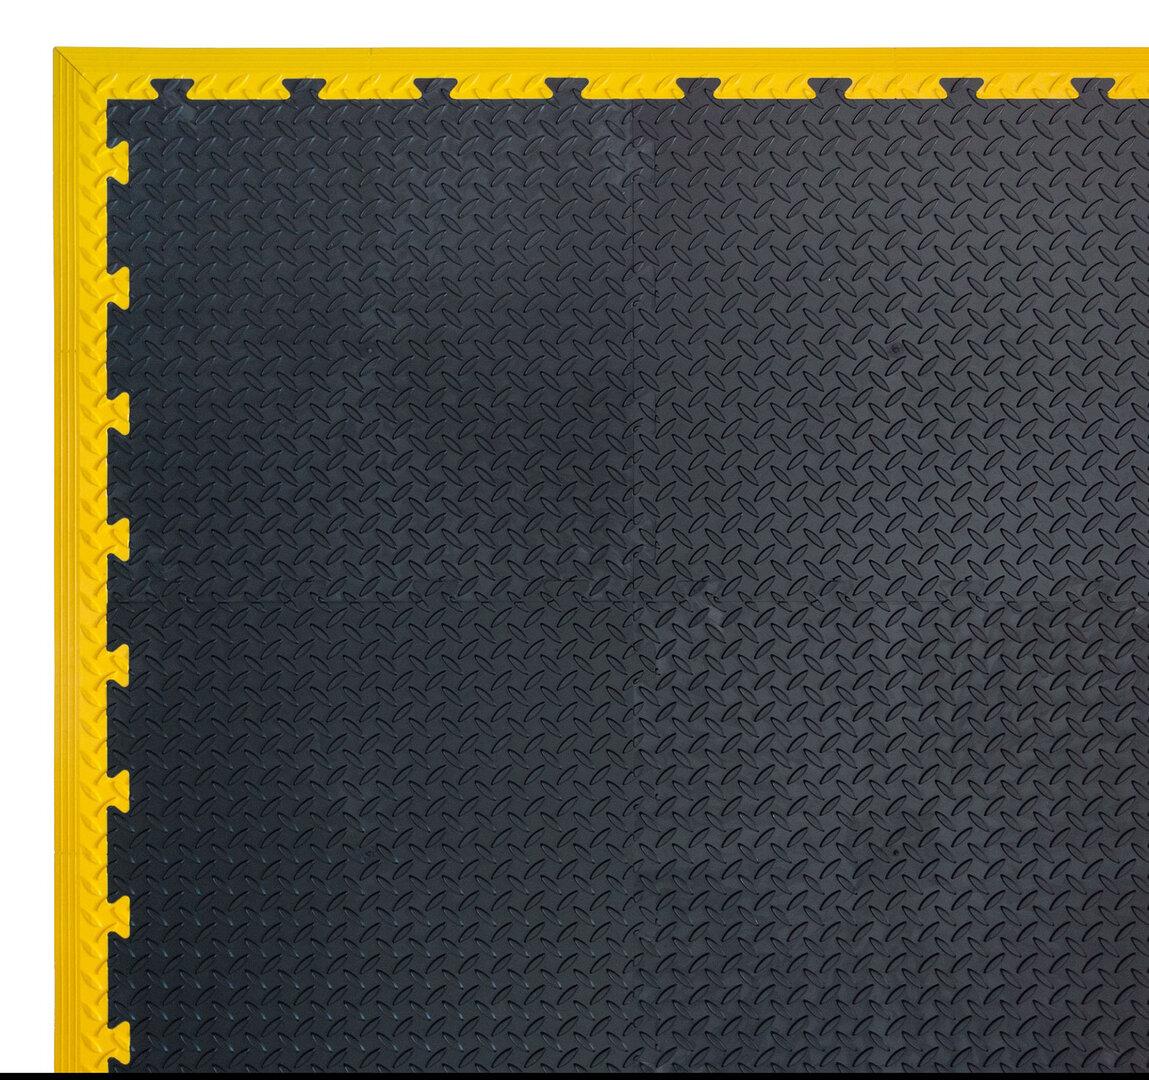 Černá PVC vinylová zátěžová puzzle protiskluzová dlaždice Tenax - délka 50 cm, šířka 50 cm a výška 0,8 cm